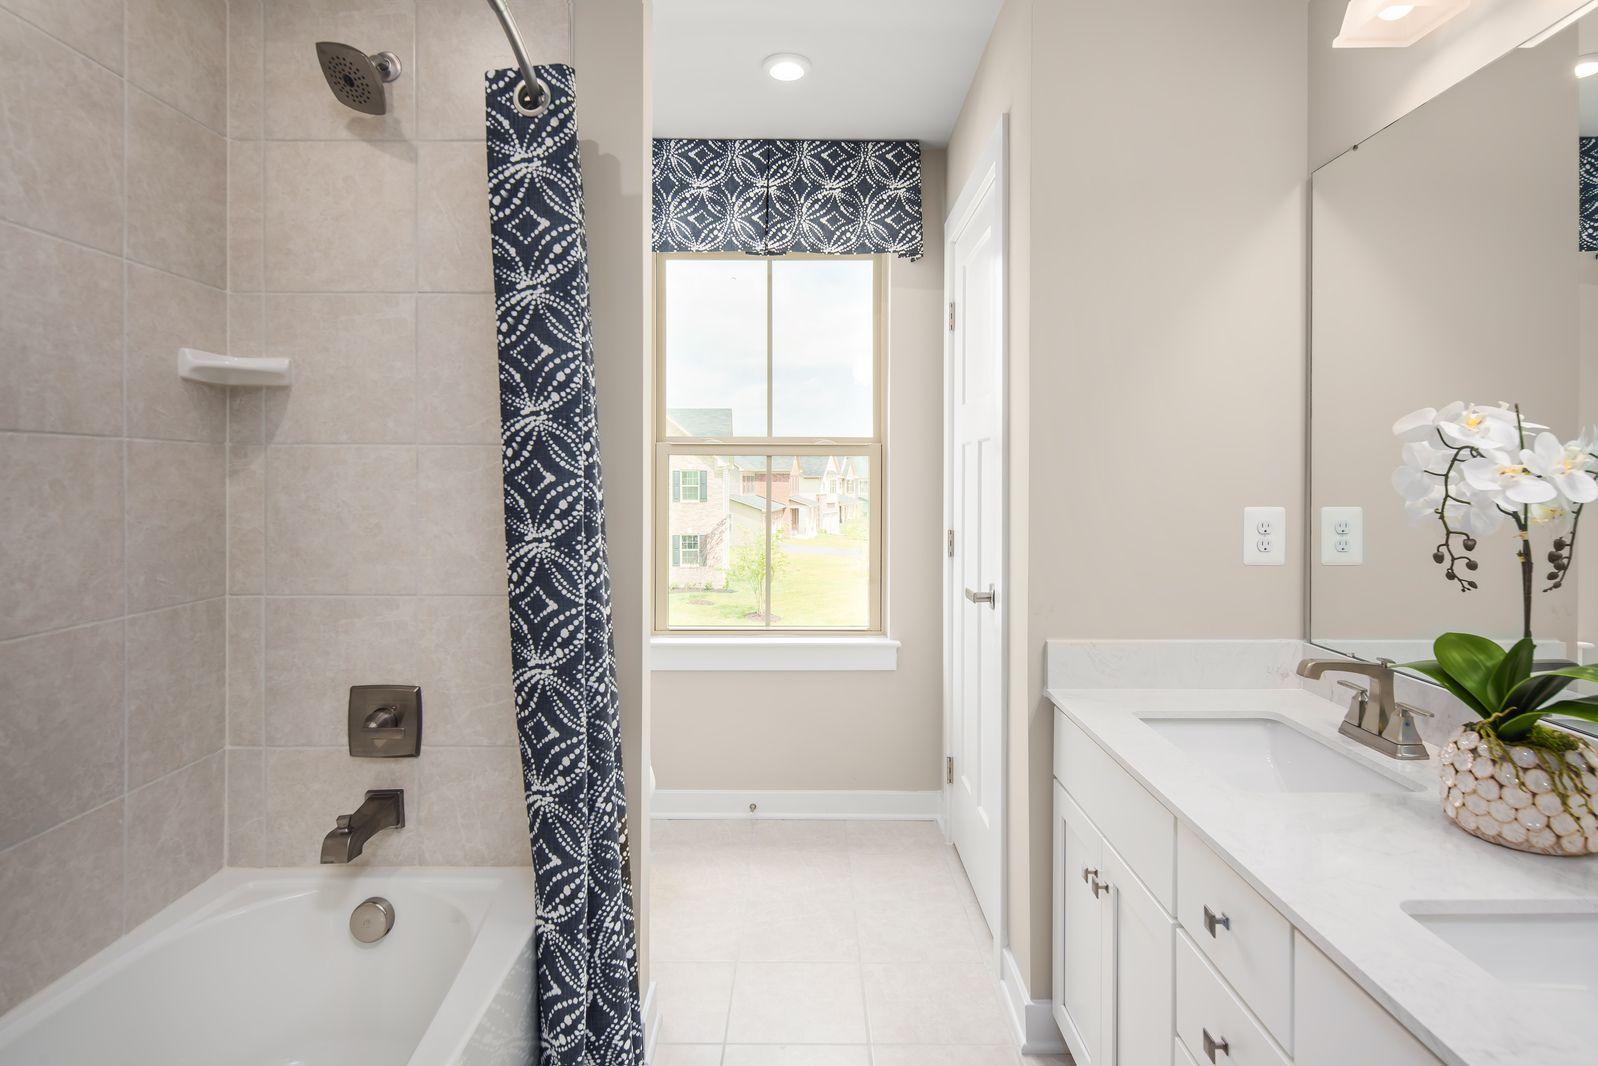 Bathroom featured in the Roanoke By Ryan Homes in Cincinnati, OH